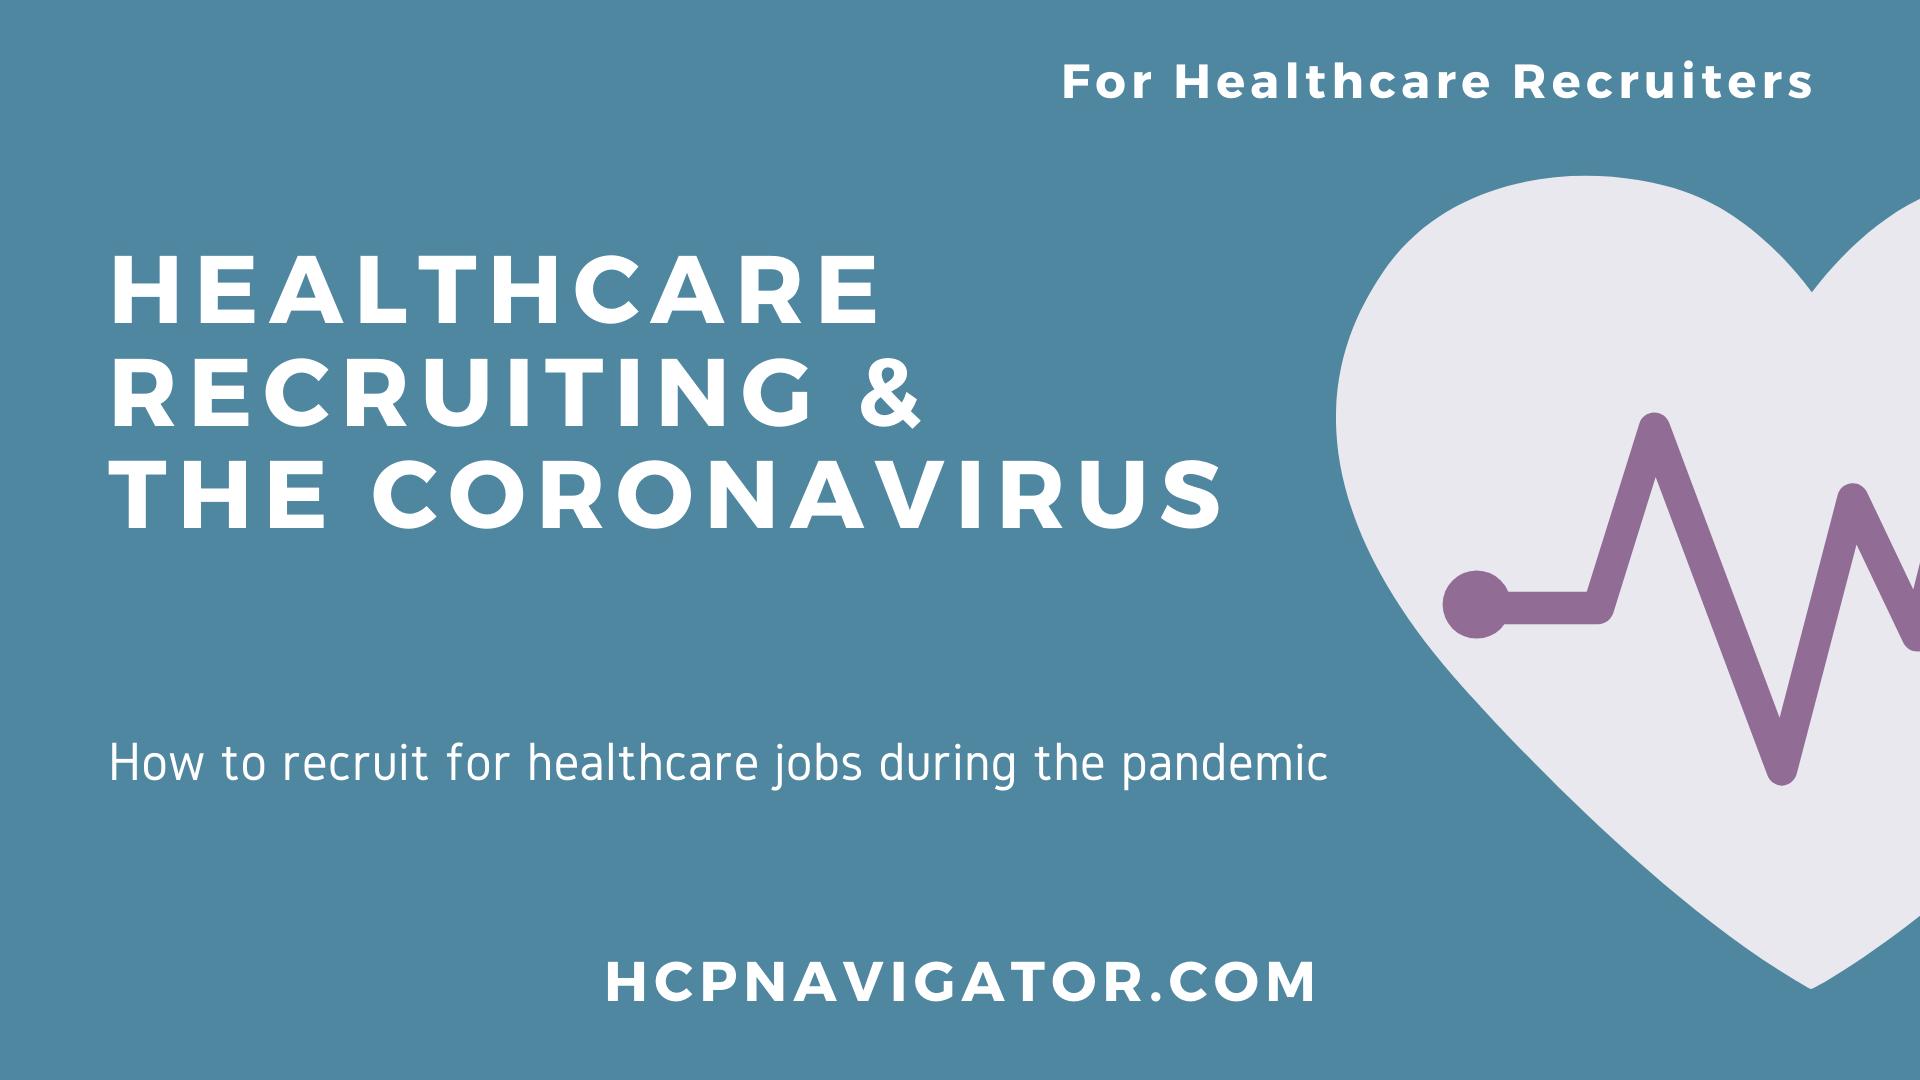 Healthcare Recruiting & The Coronavirus